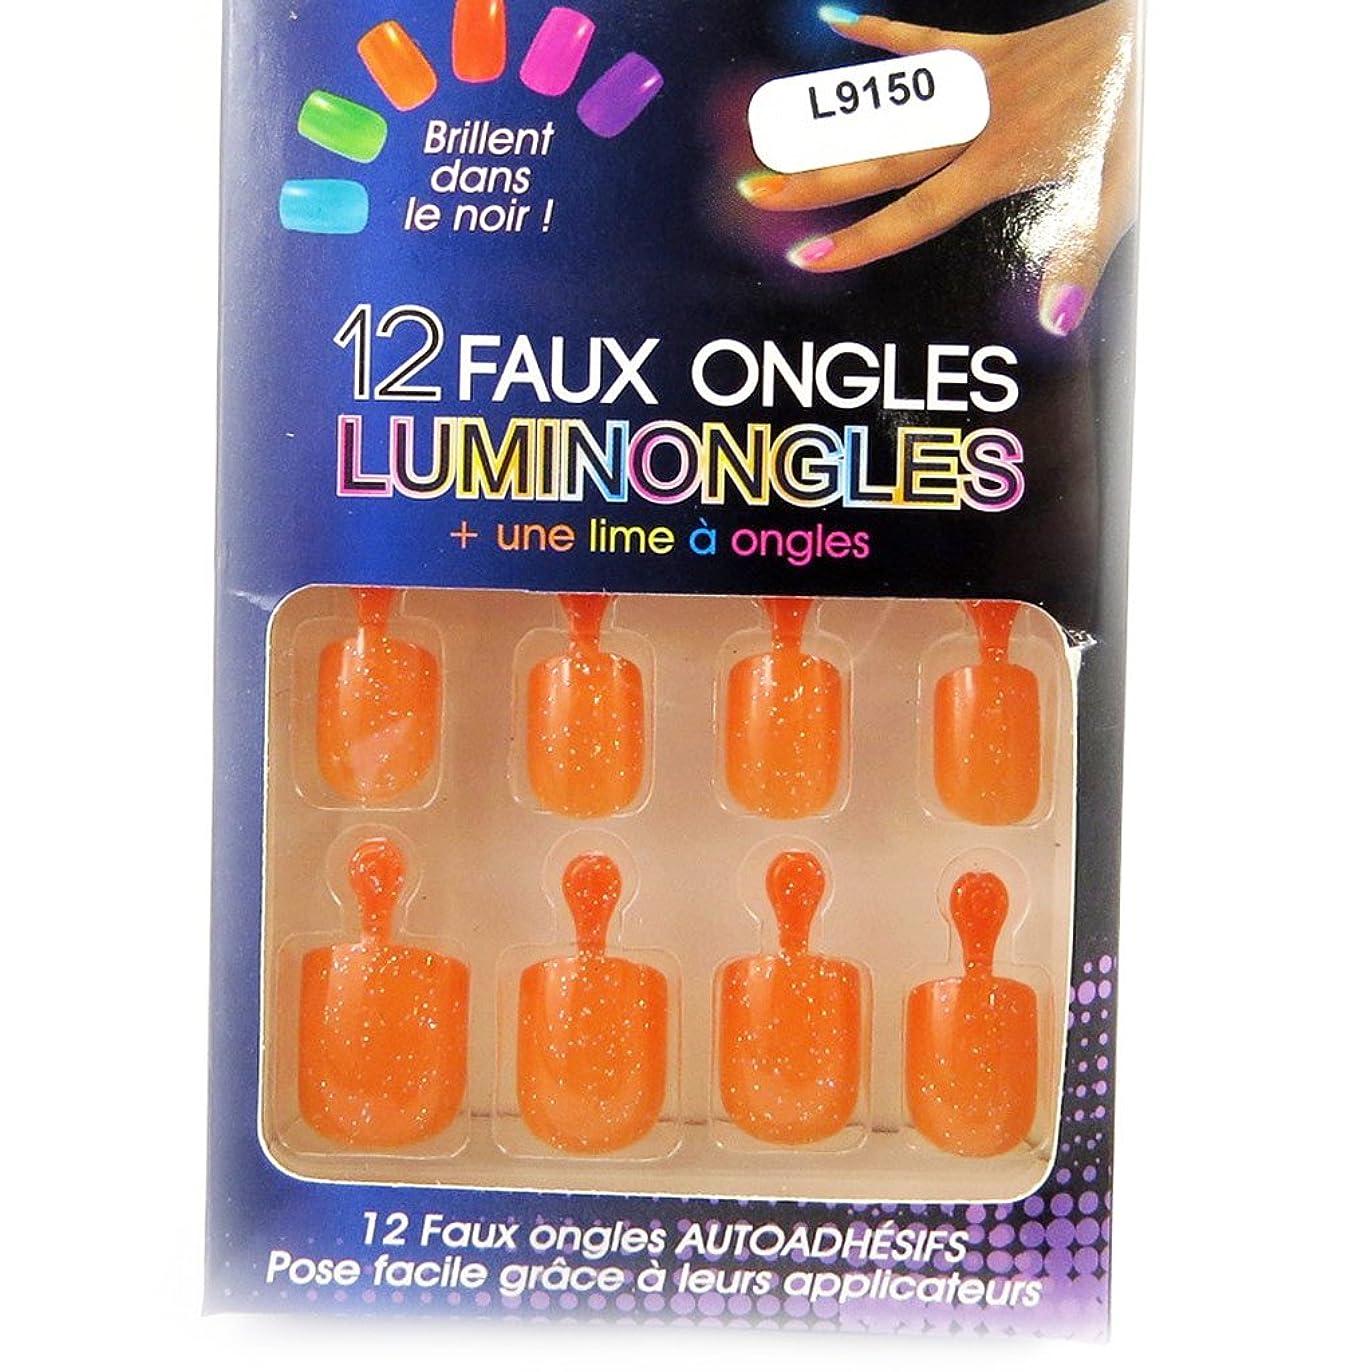 破壊的忘れっぽいエッセンス[リリーの宝 (Les Tresors De Lily)] (Luminongles コレクション) [L9150] アクリルスカルプチュア オレンジ